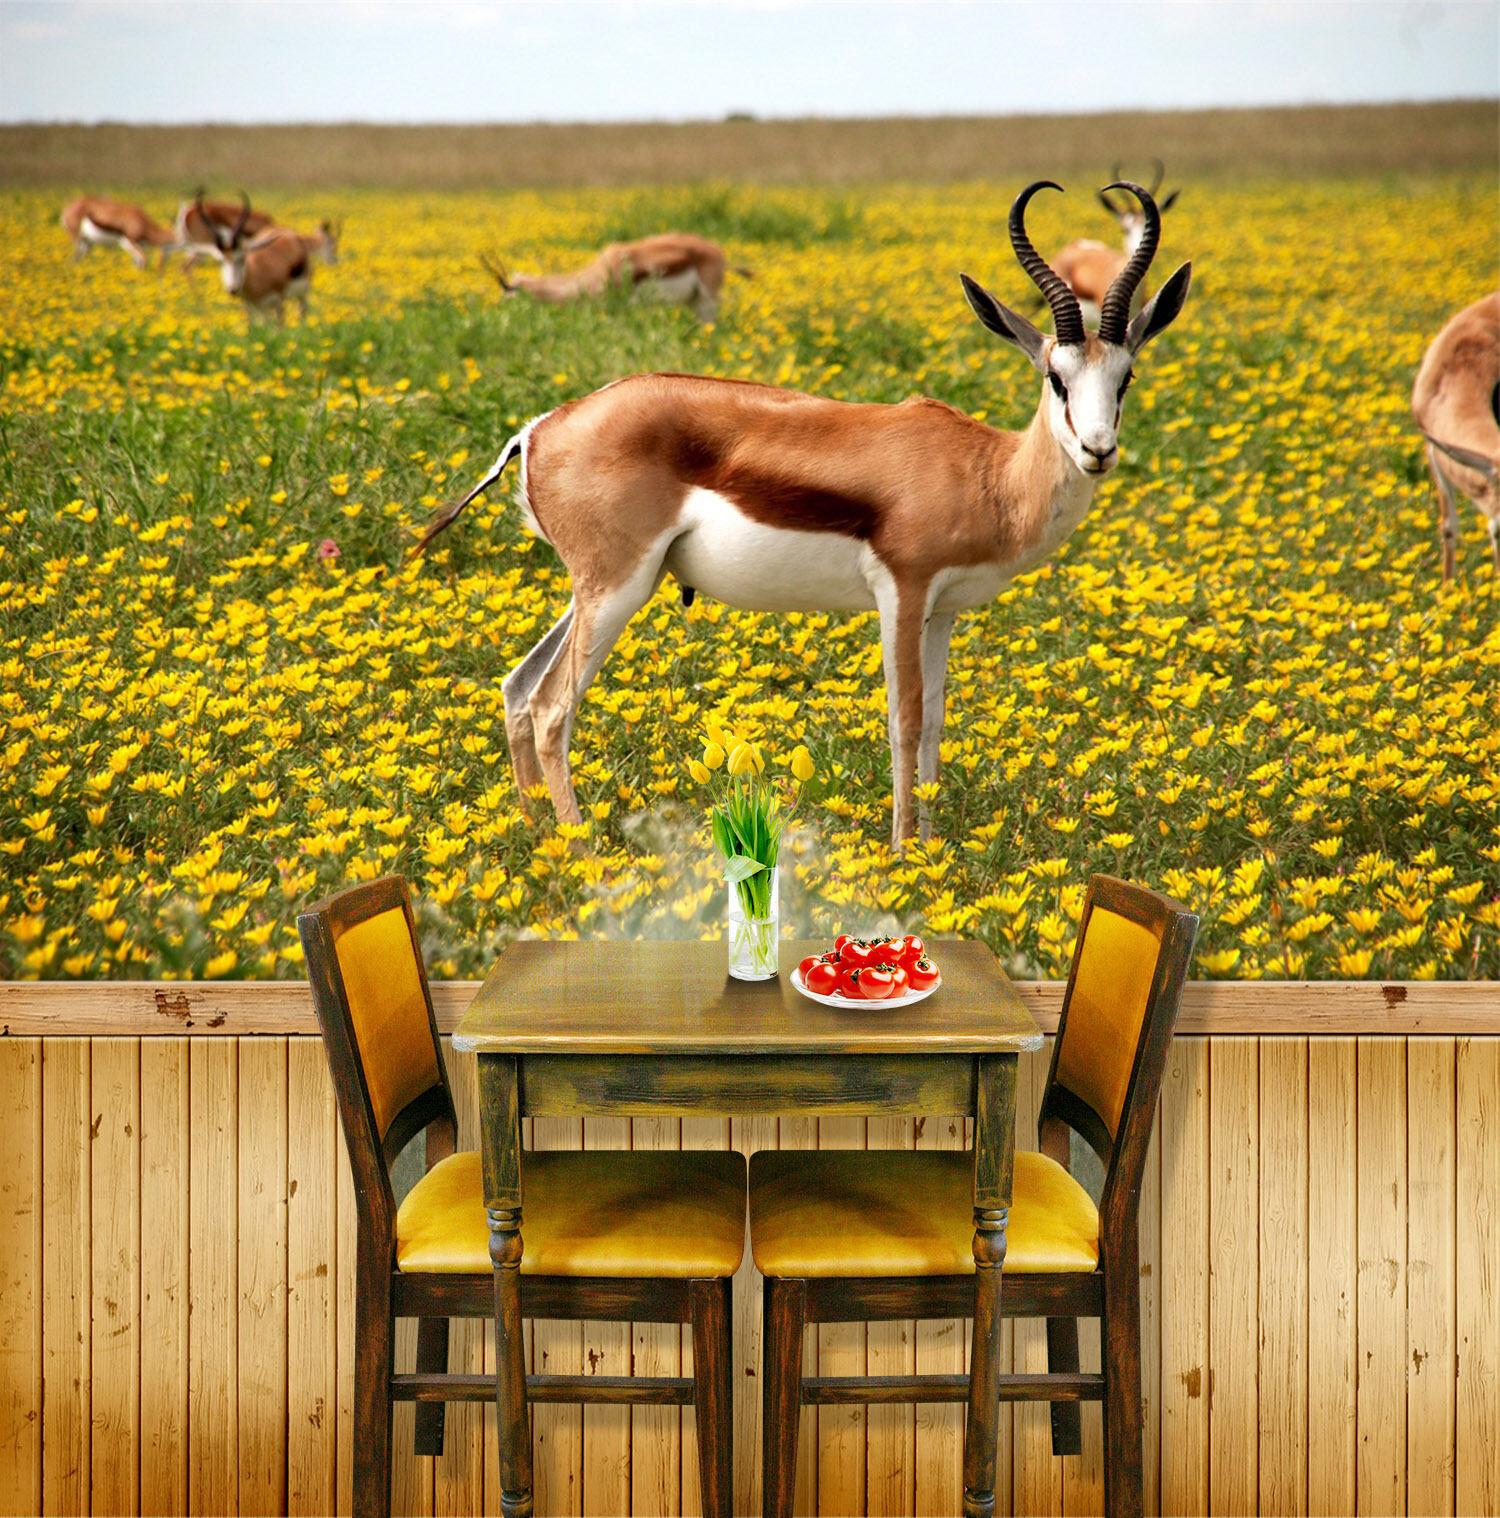 3D Turf Deer 84 Wallpaper Mural Paper Wall Print Wallpaper Murals UK